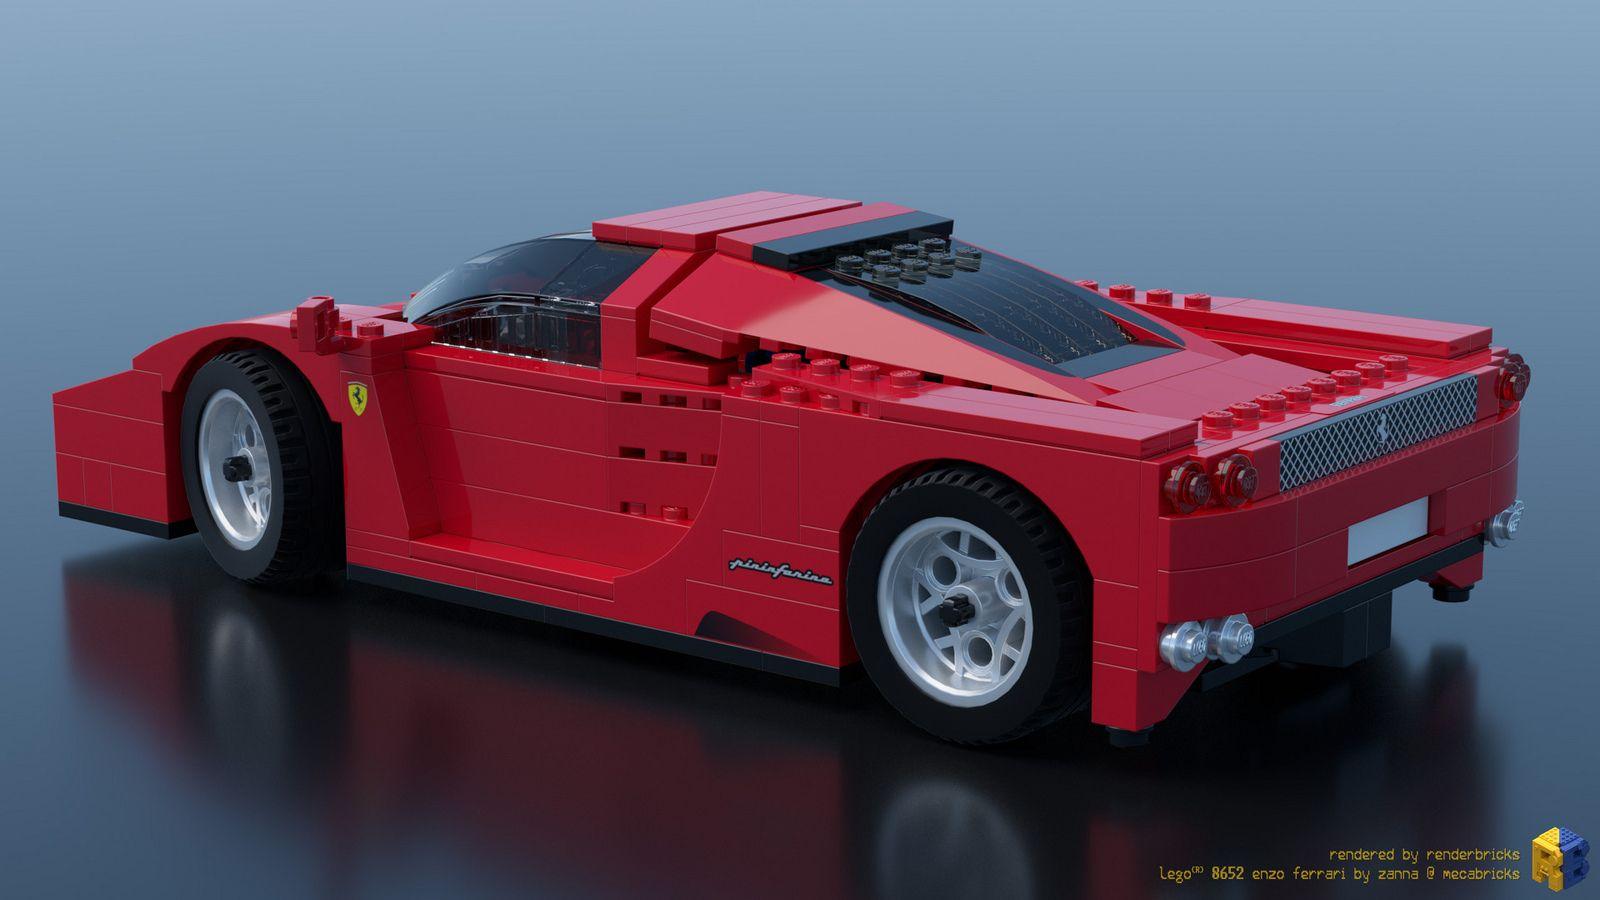 Lego Racers 8652 Enzo Ferrari 1 17 Lego Racers Ferrari Lego